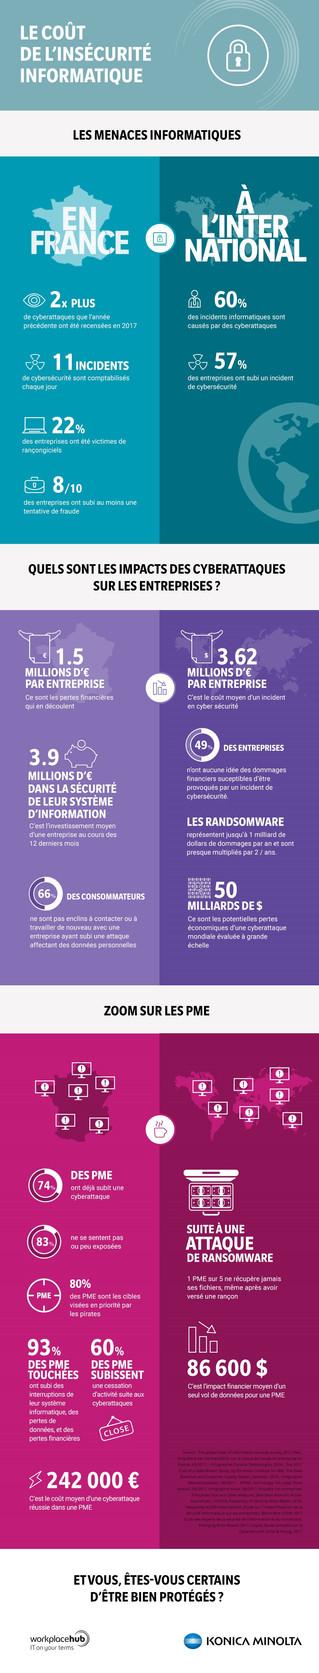 Infographie : Le coût de l'insécurité informatique